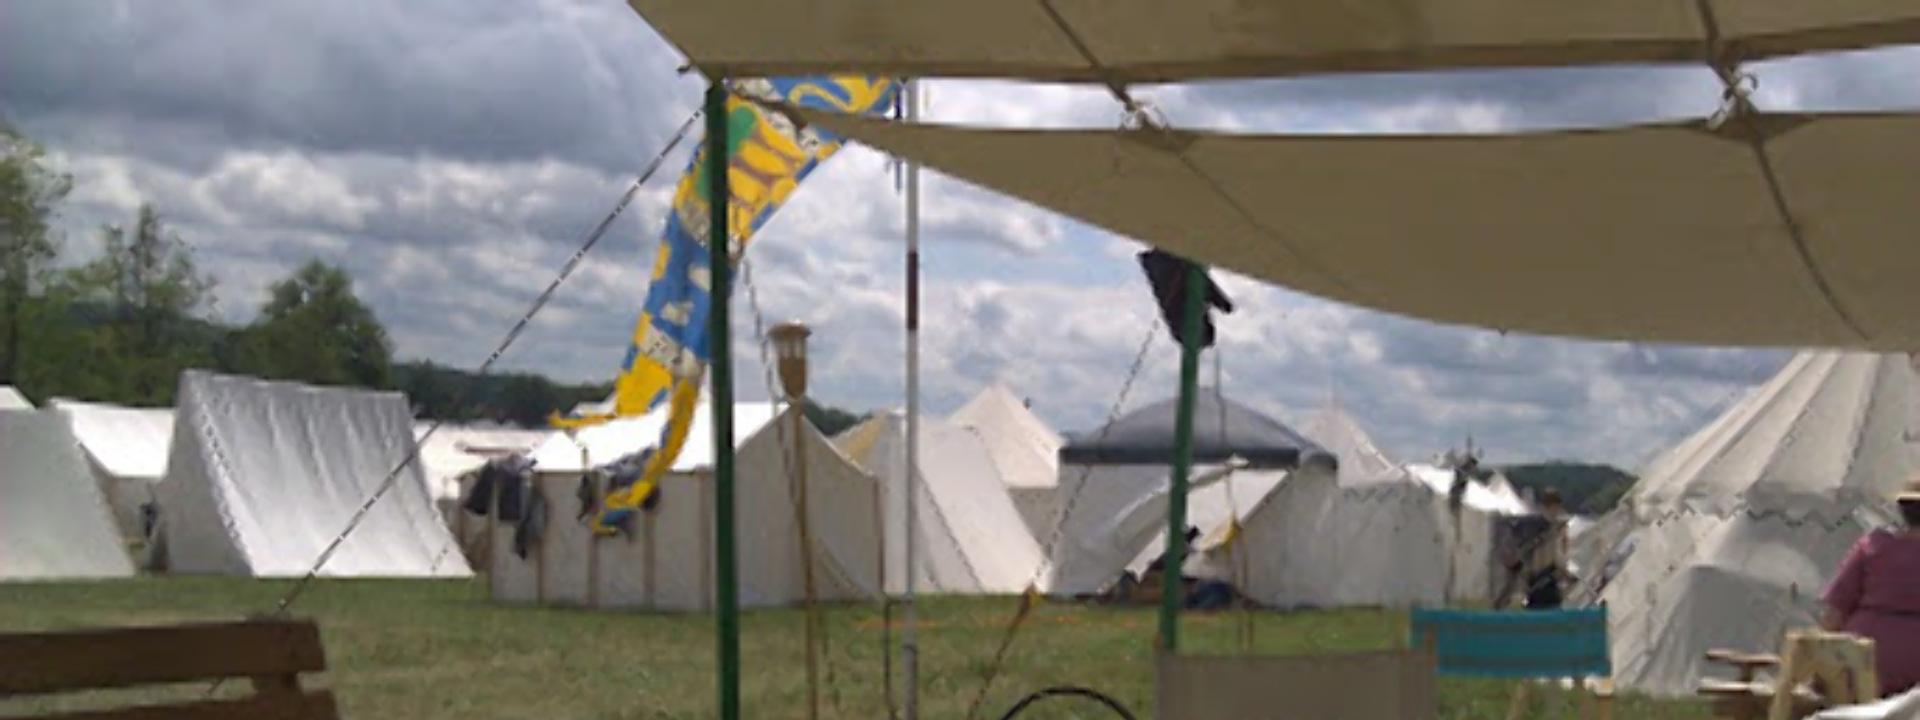 encampment-1920×720